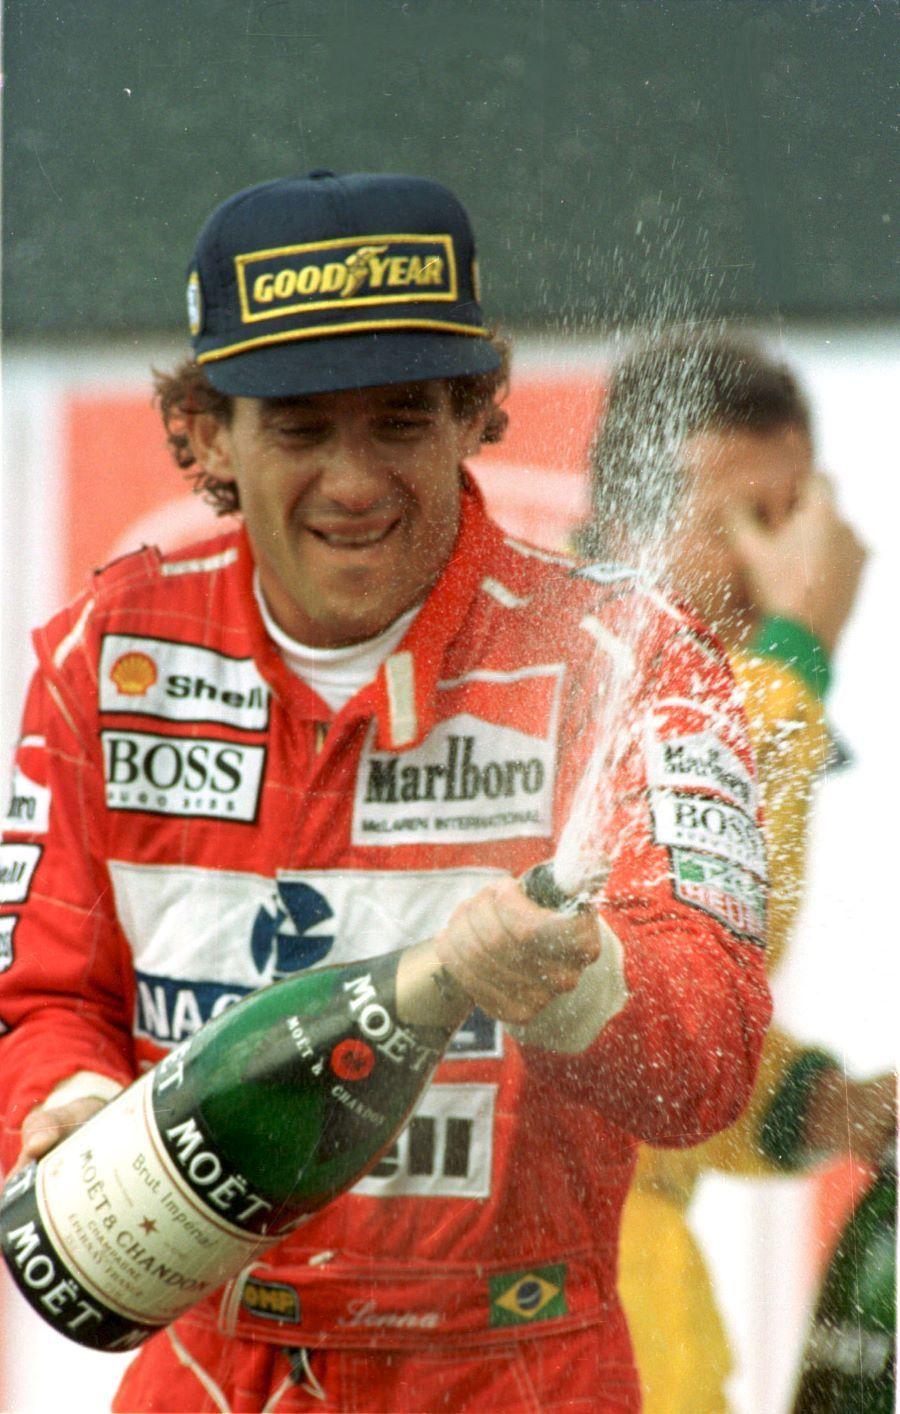 Senna. O Brasil teve um campeão da Fórmula 1 há 29 anos. Tempo demais